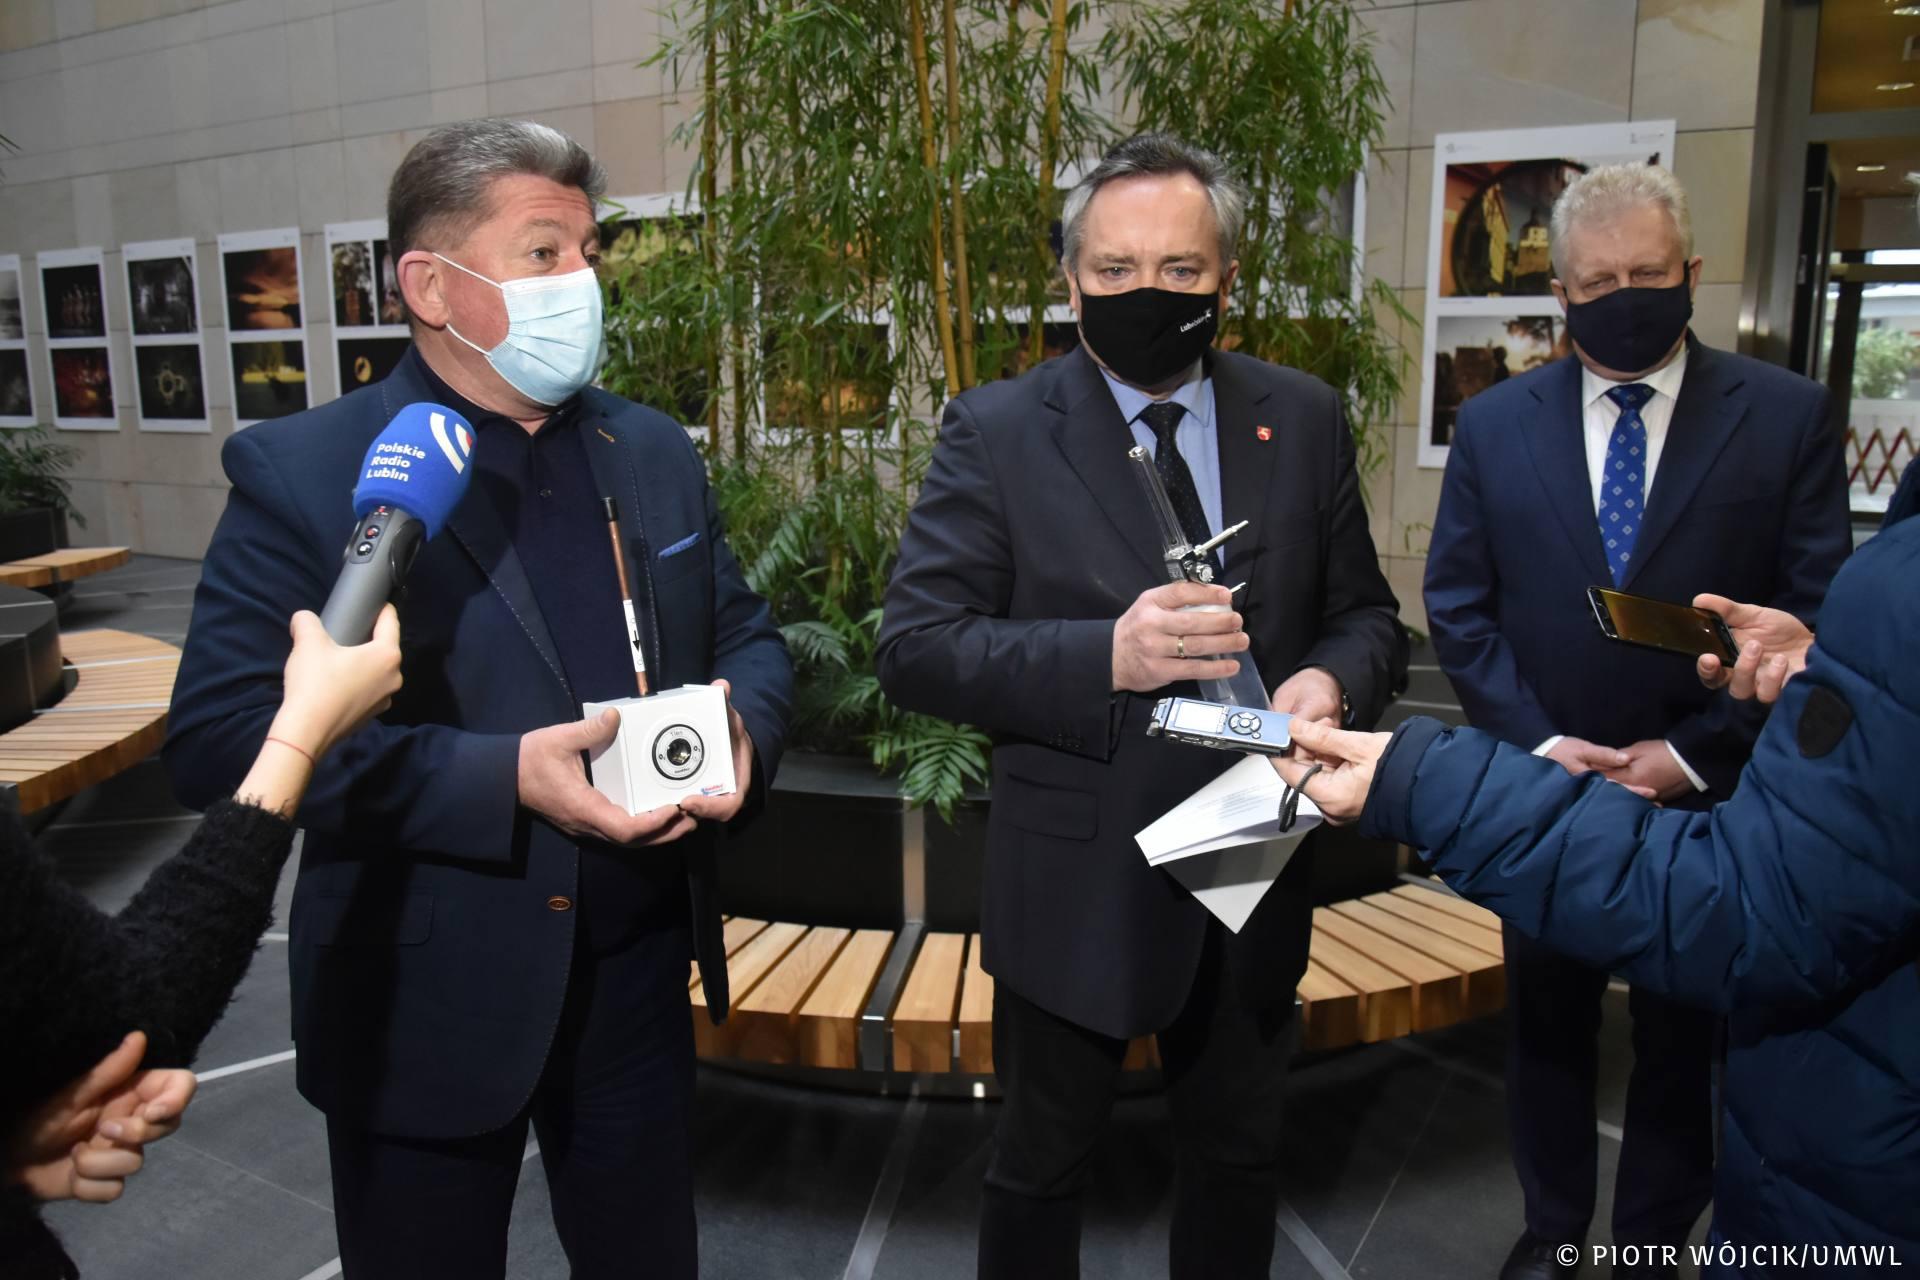 umw 0043 Sprzęt medyczny do walki z Covid-19 trafi do Lwowa. To darowizna od Samorządu Województwa Lubelskiego